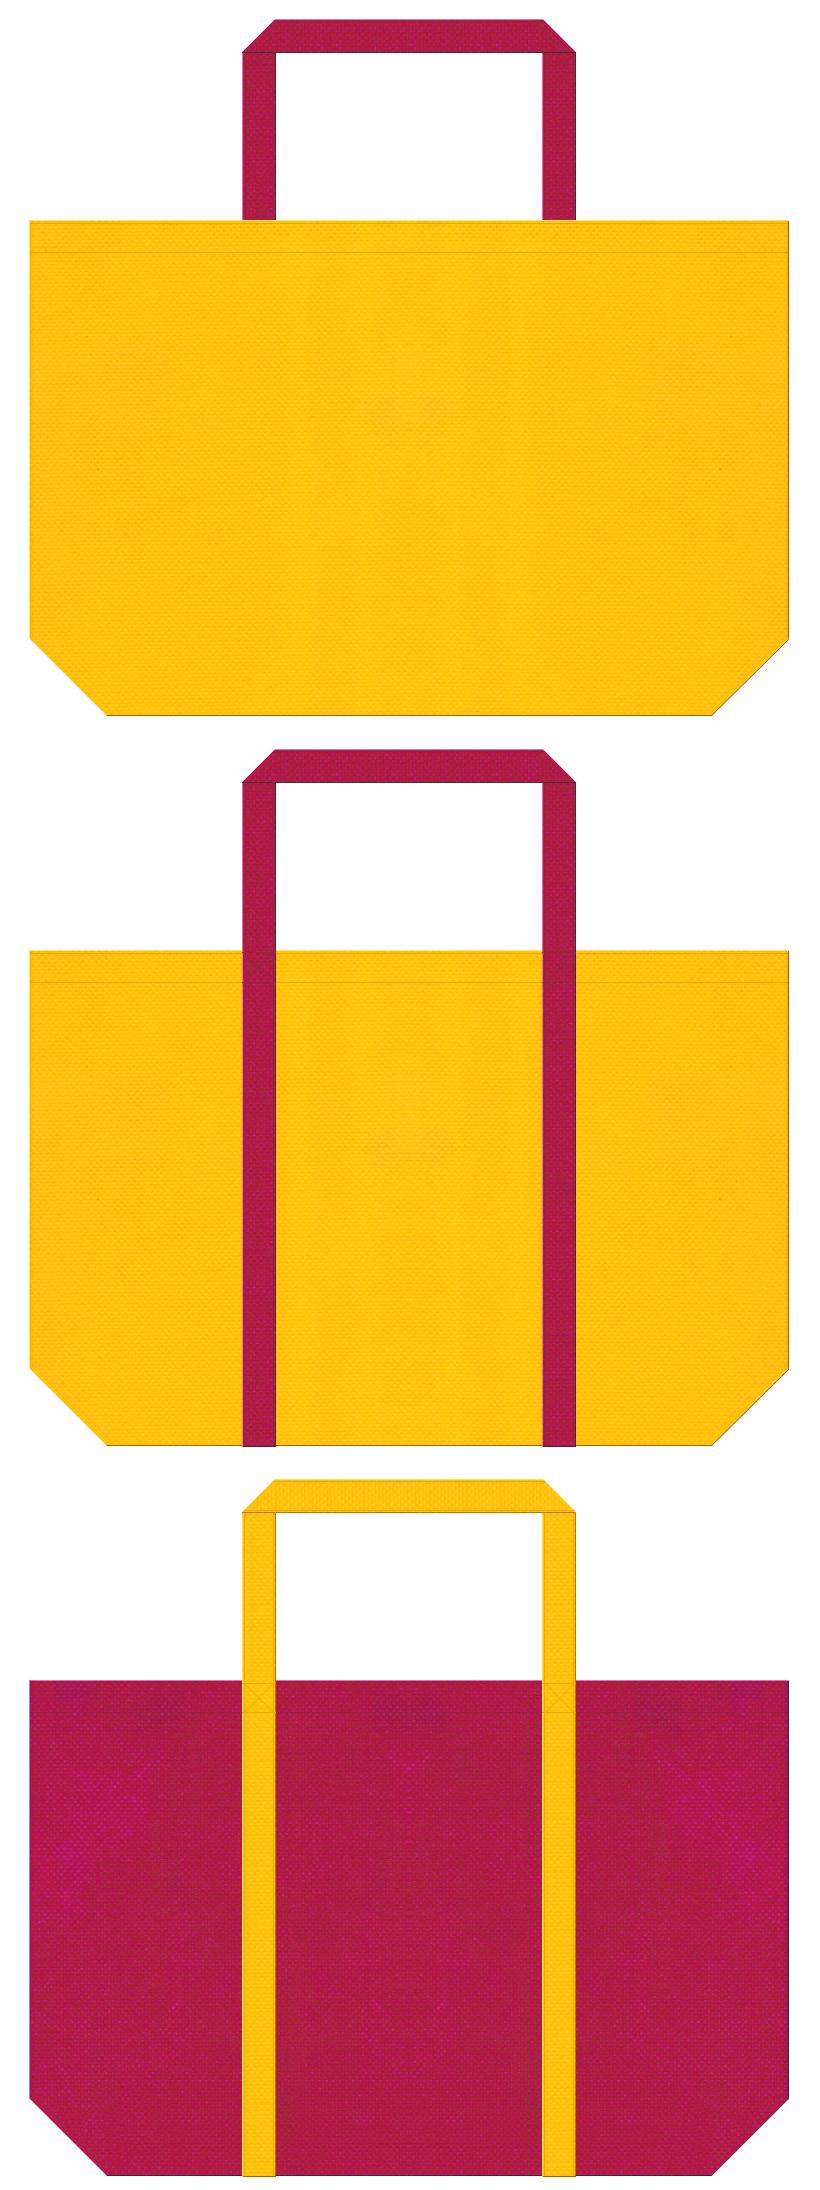 黄色と濃いピンク色の不織布バッグデザイン。遊園地・ゲーム・おもちゃのショッピングバッグにお奨めの配色です。